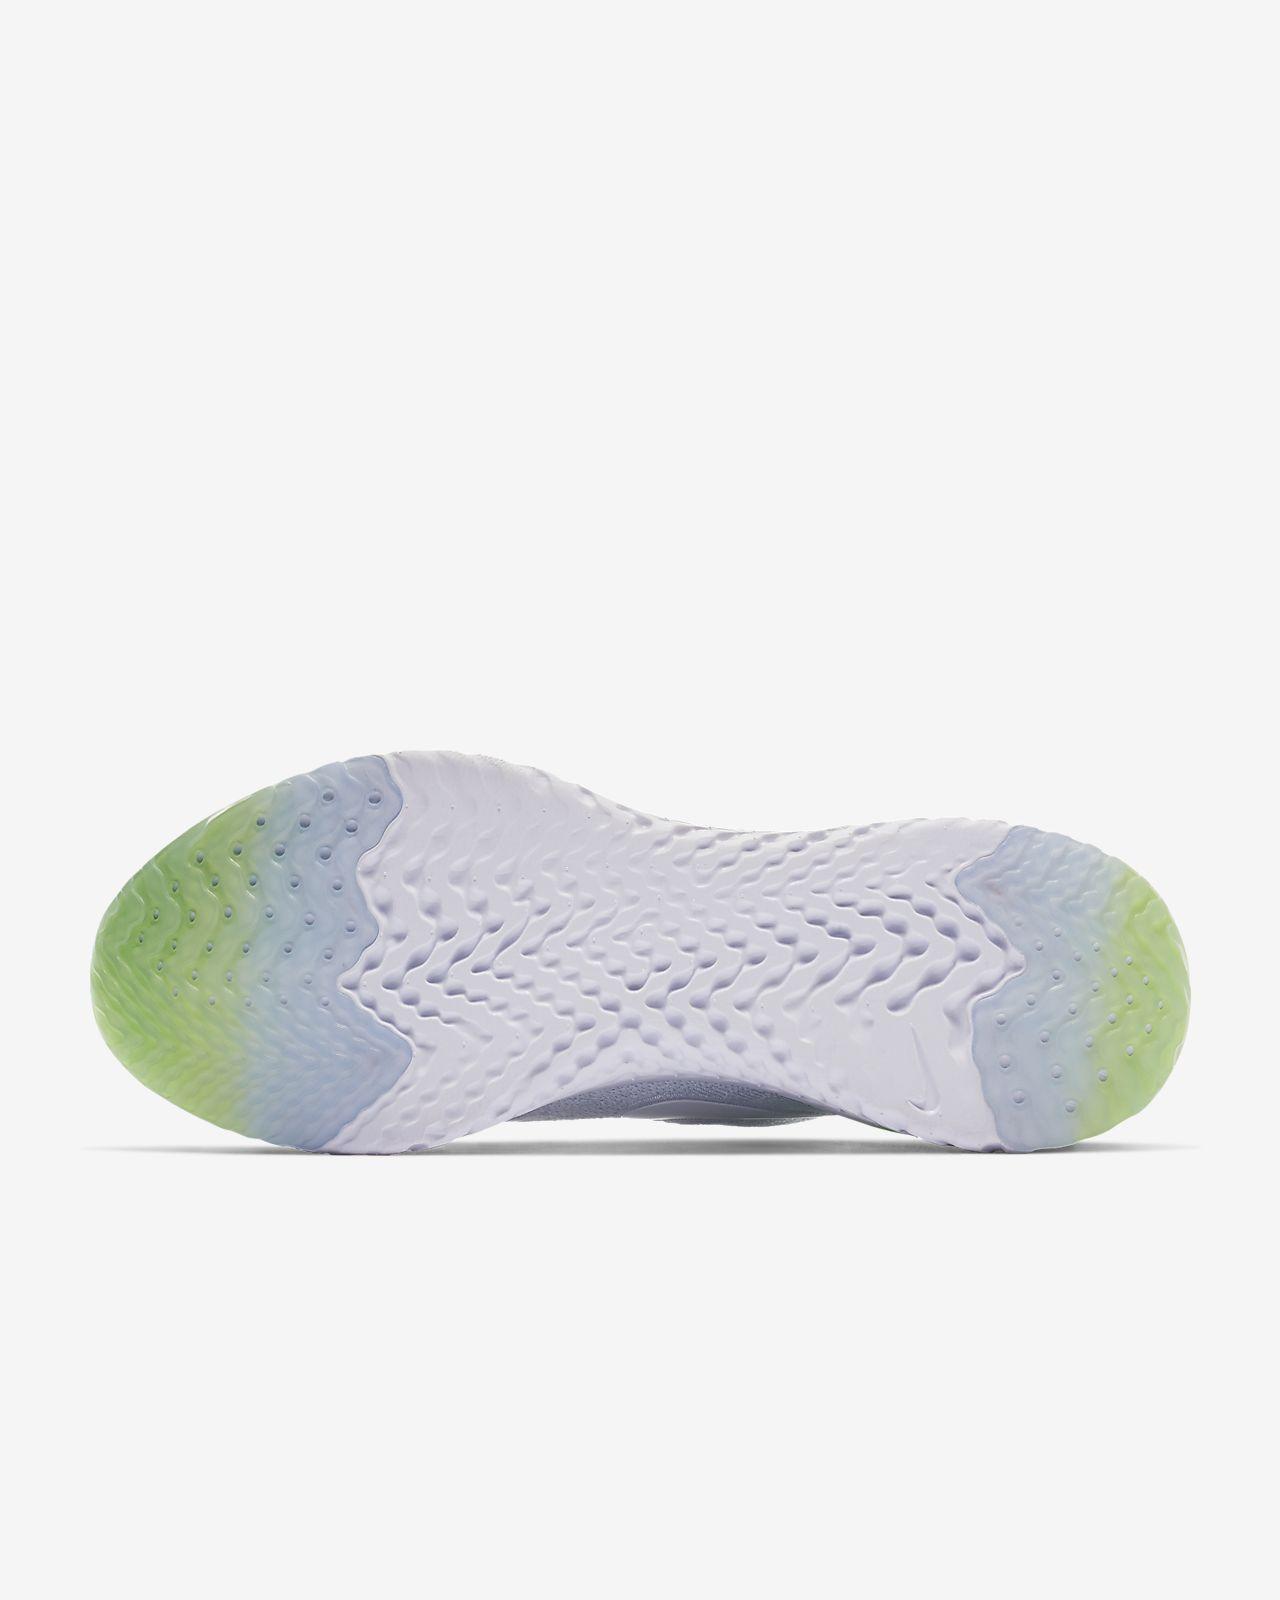 200855d23686 Nike Epic React Flyknit 2 Men s Running Shoe. Nike.com